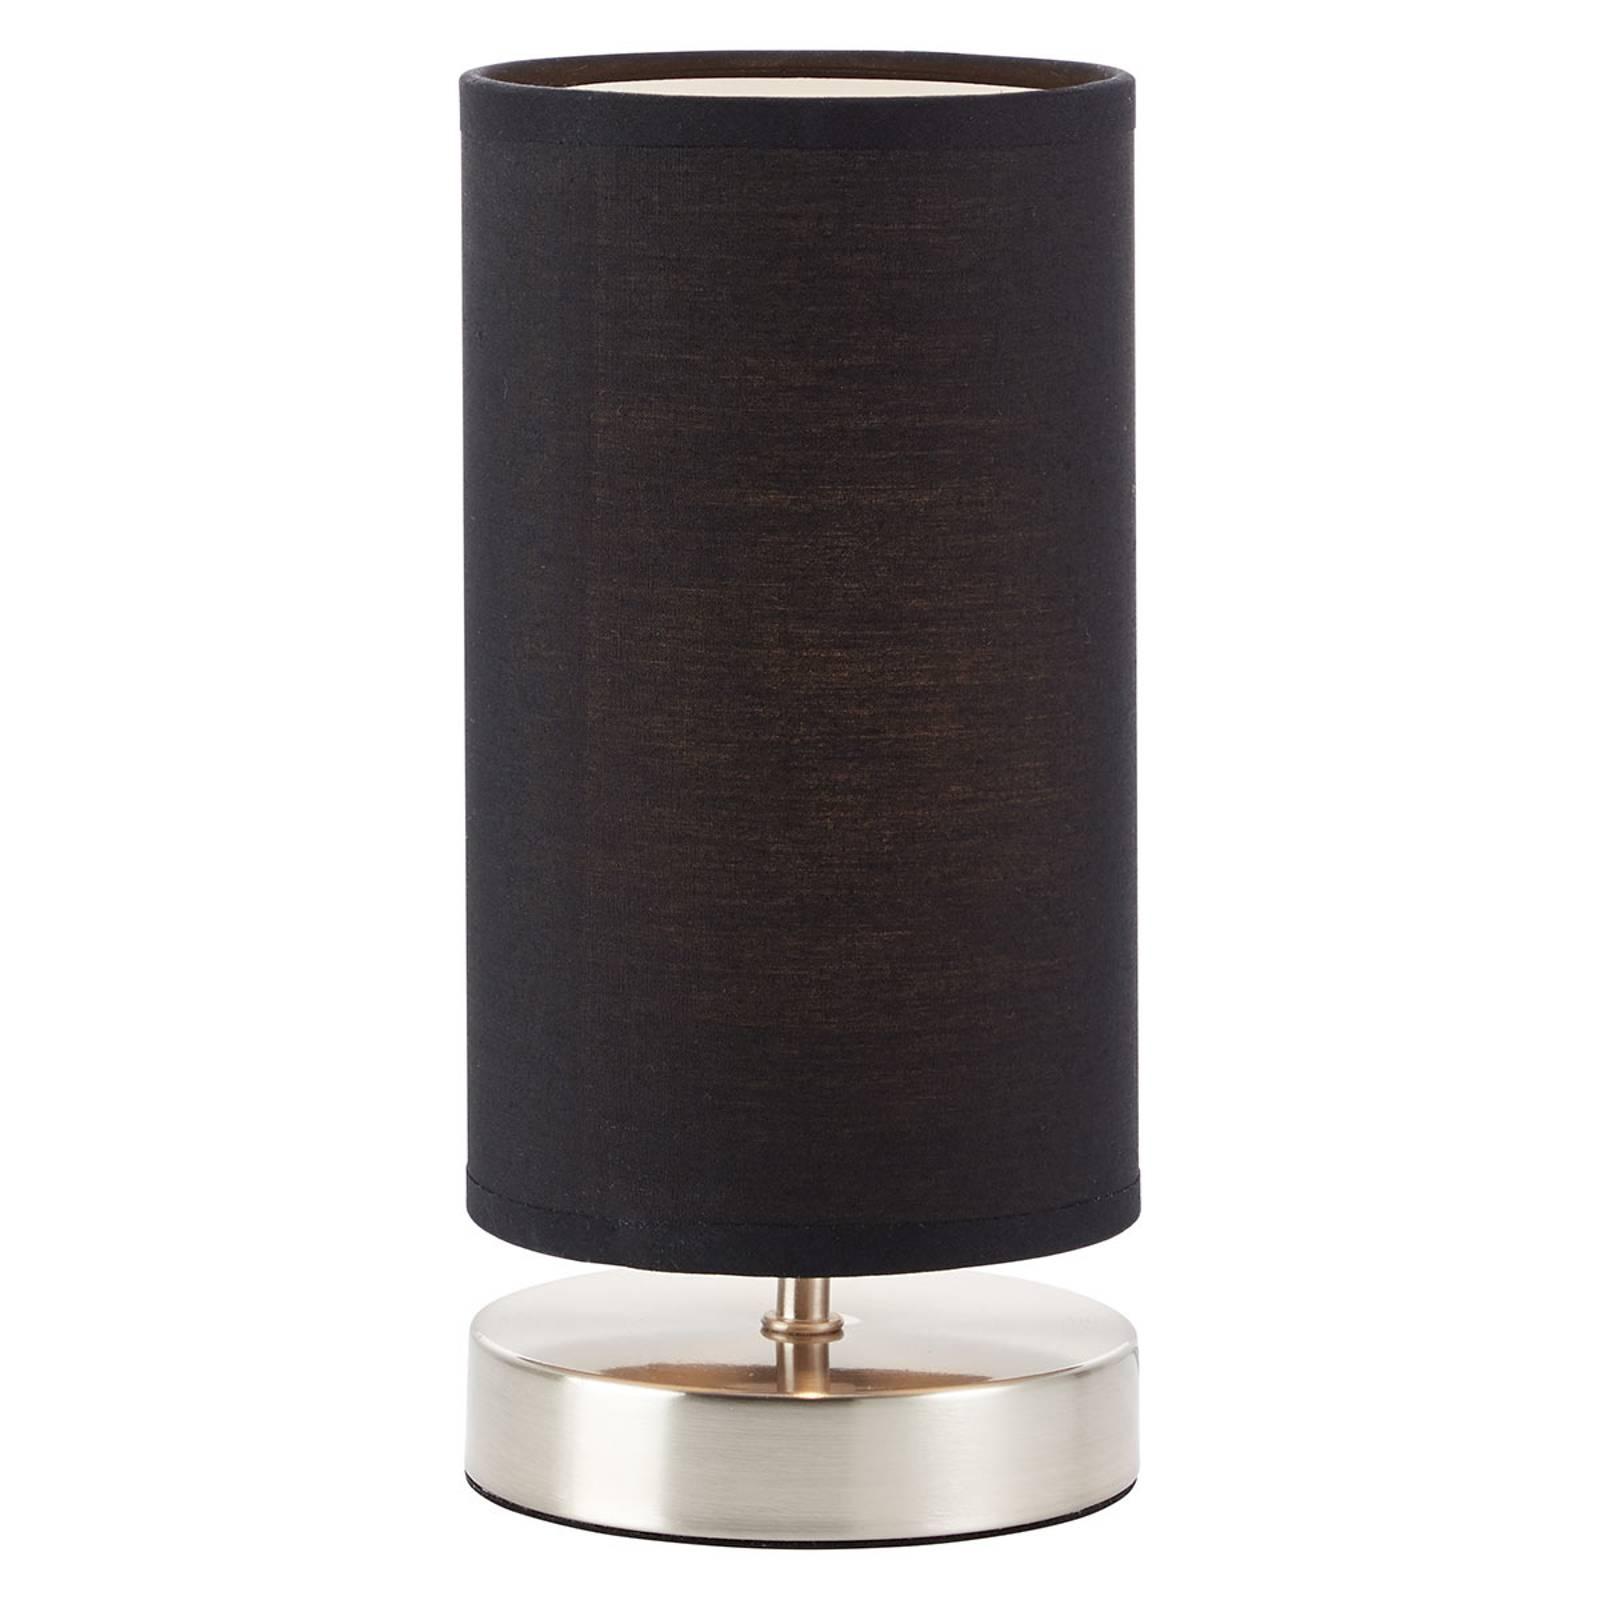 Clarie tafellamp met zwarte textielen kap